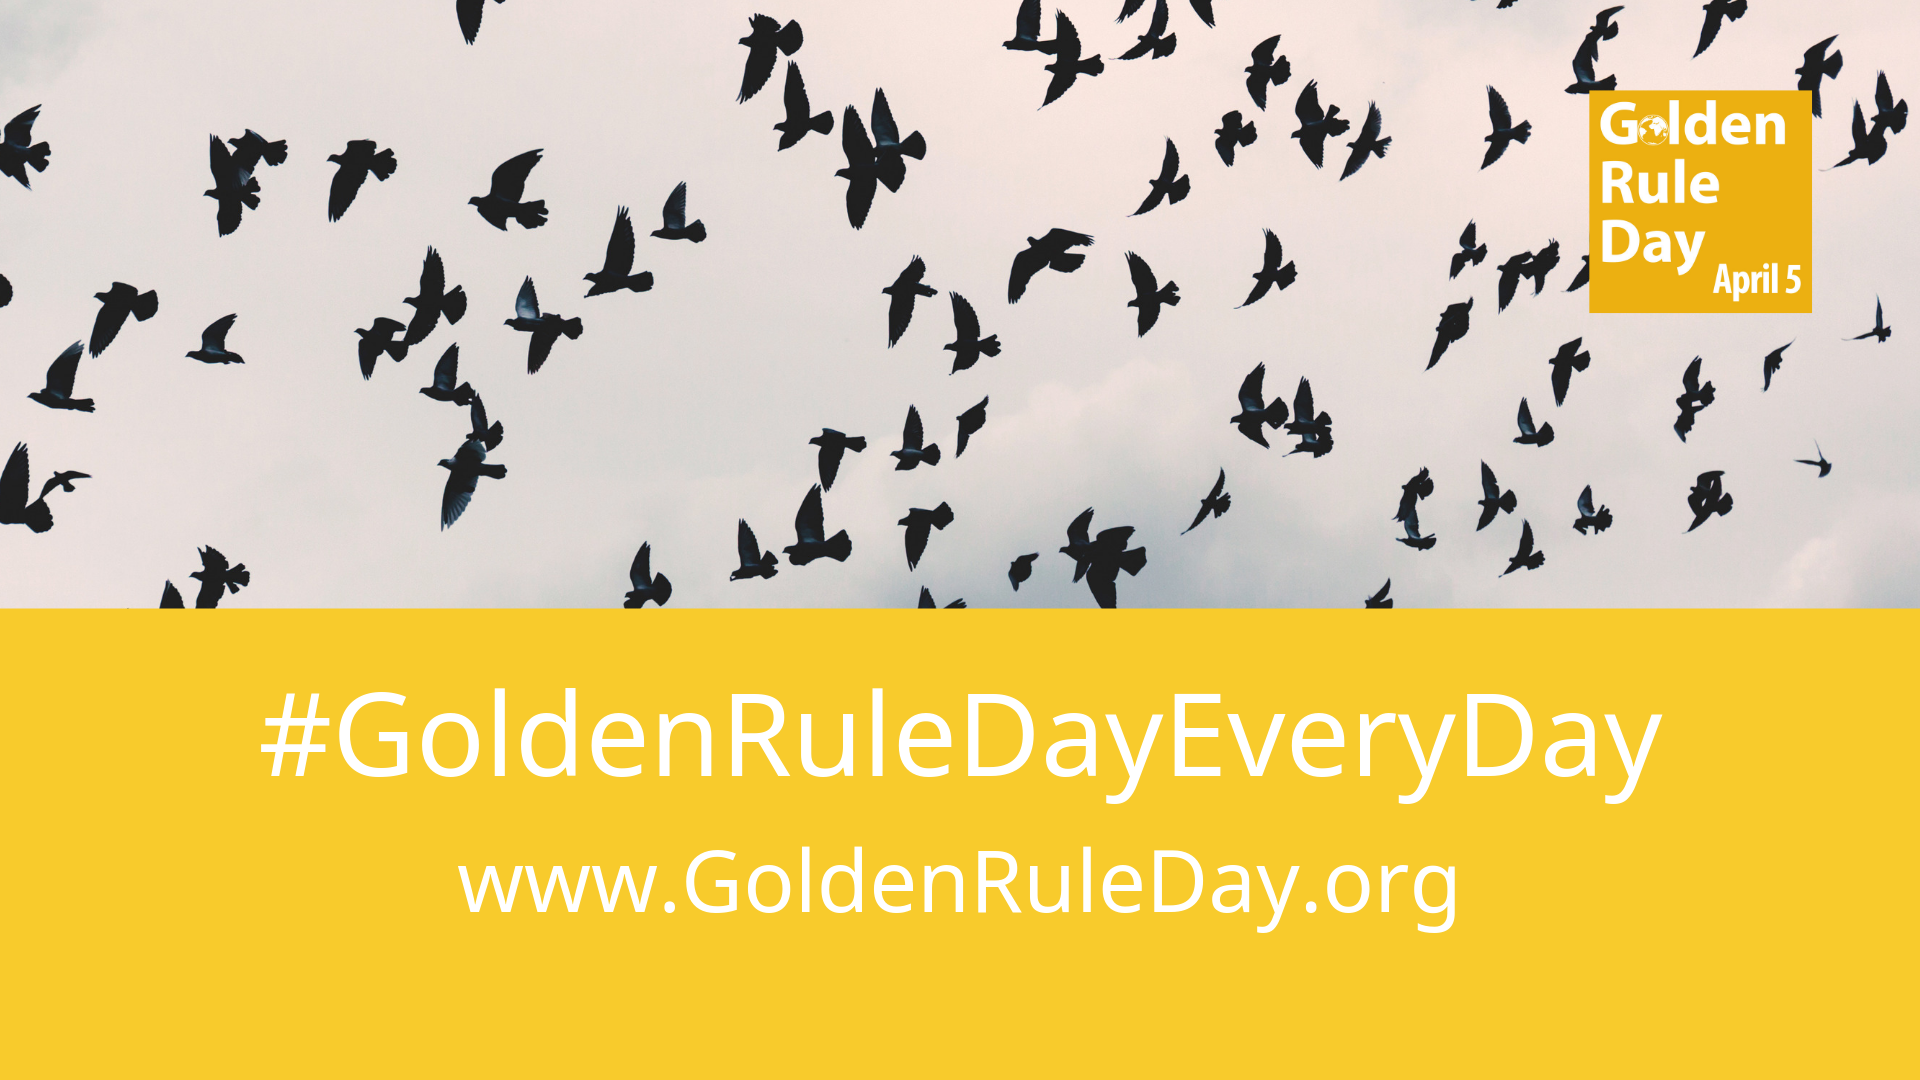 #goldenruledayeveryday